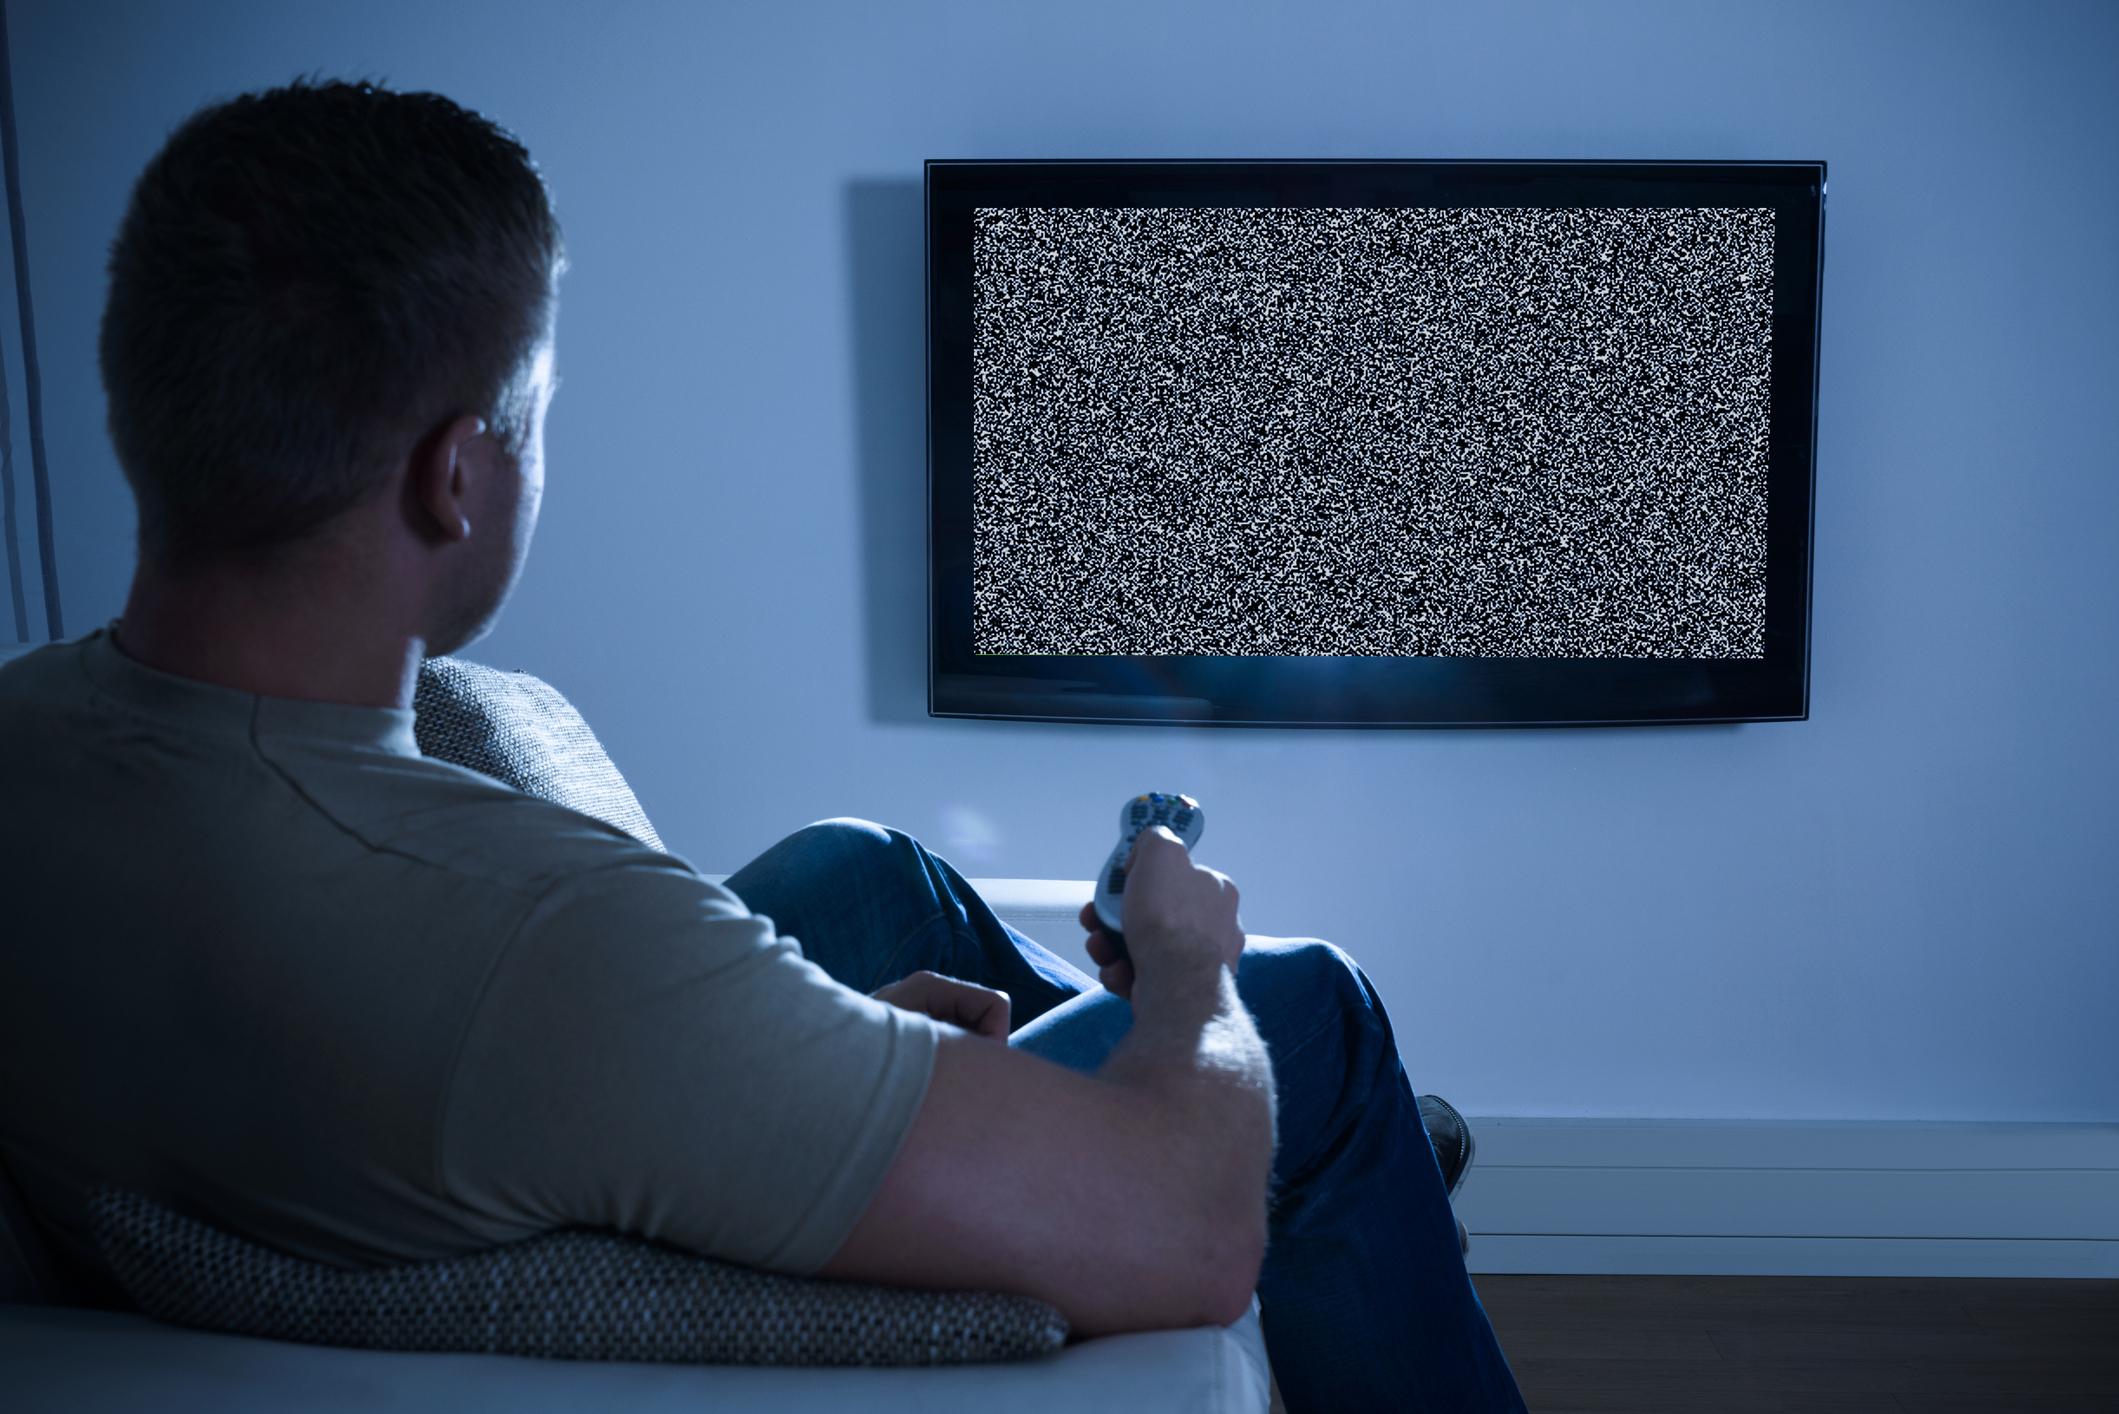 Man watching TV static